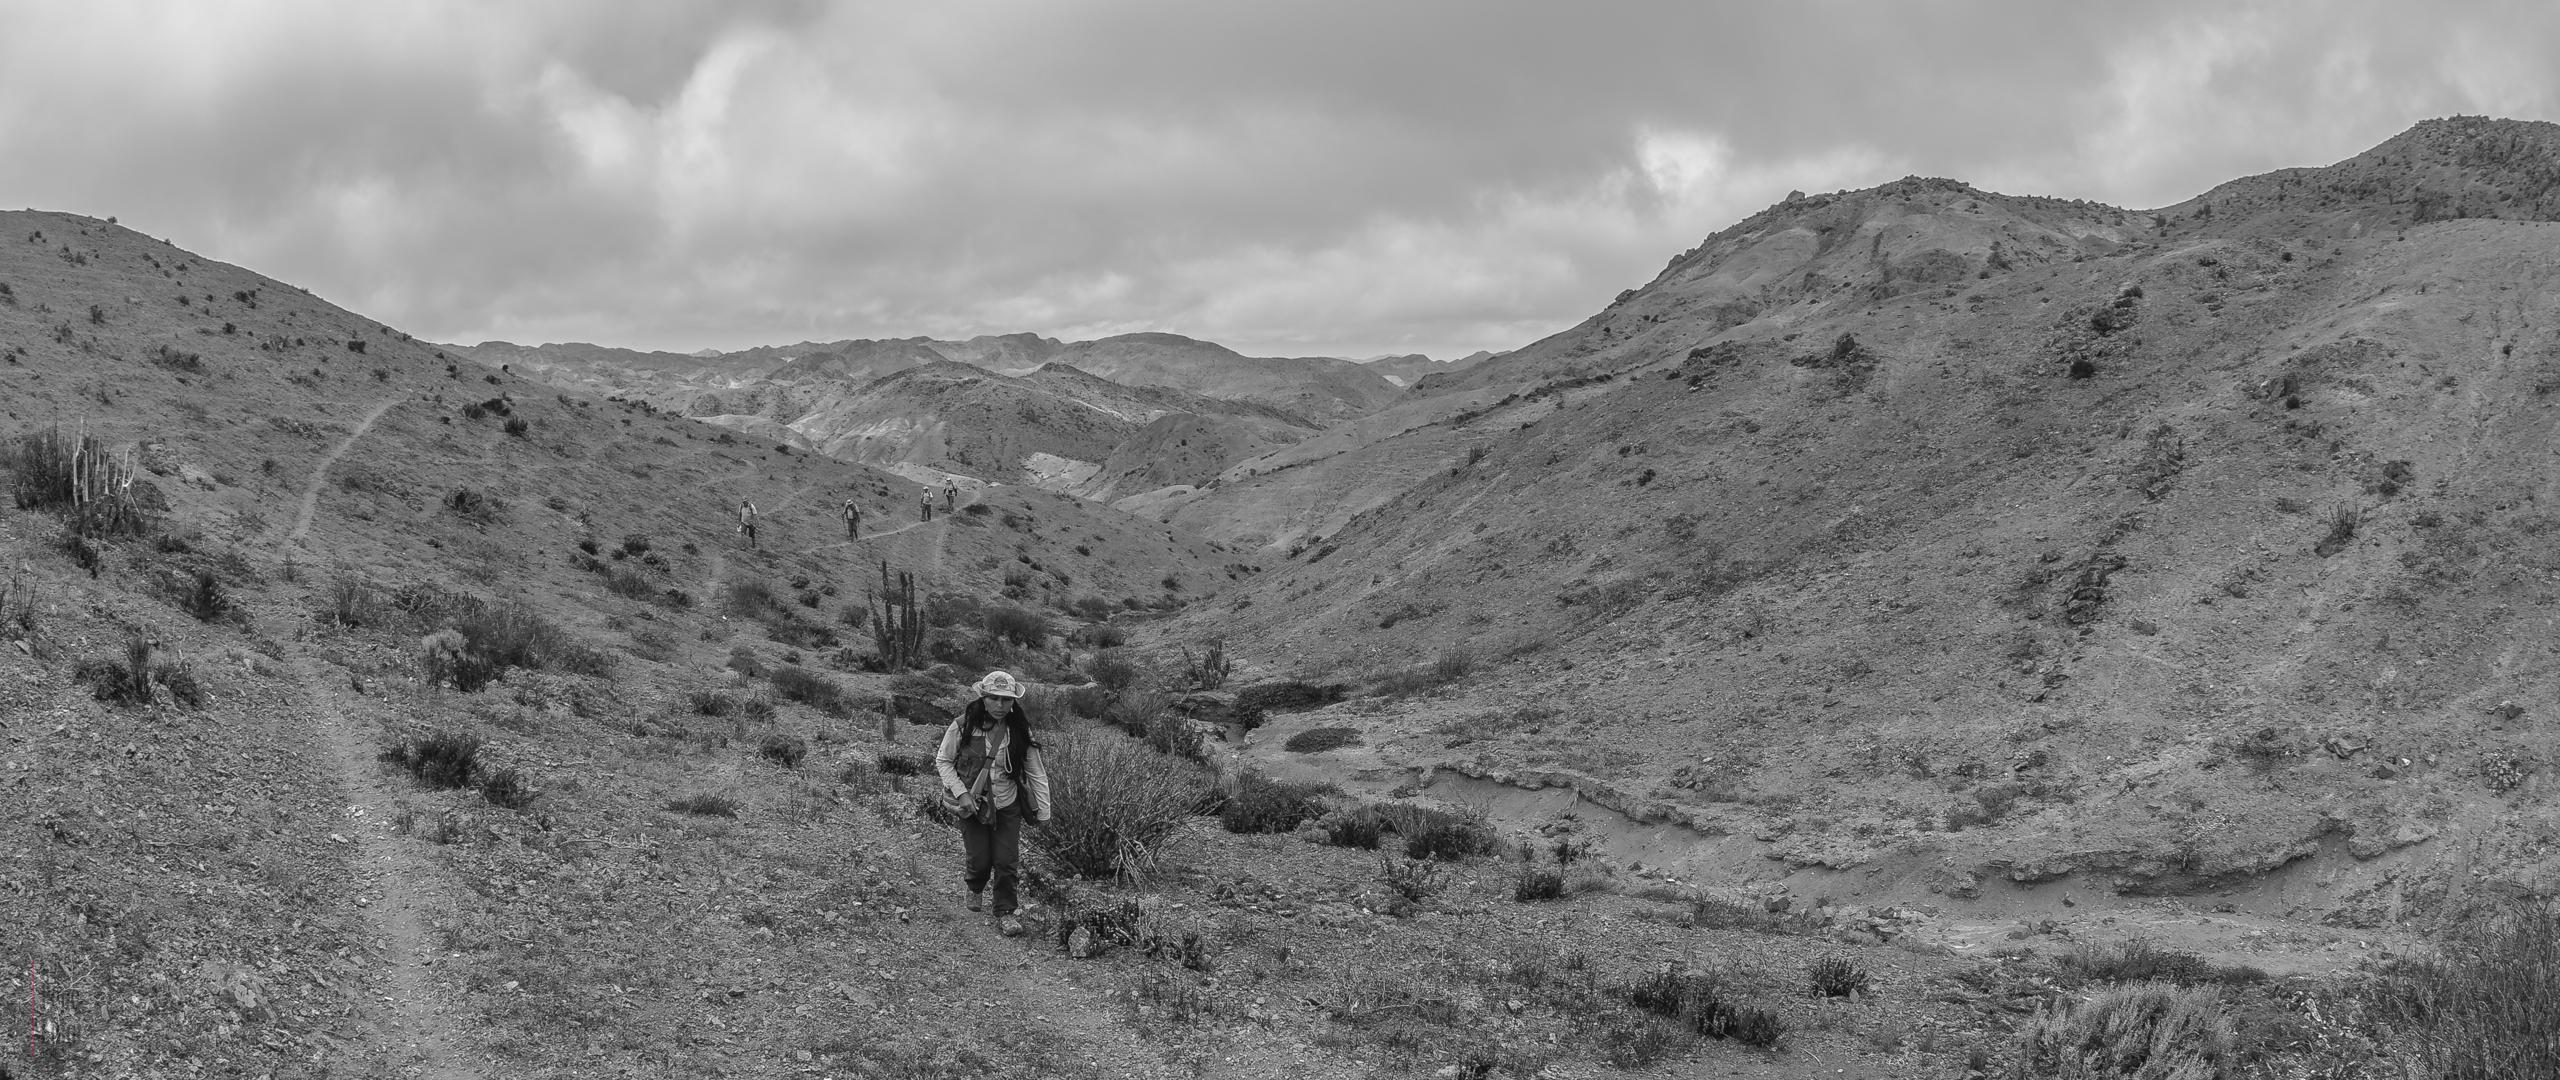 Guardaparques | Parque Nacional Pan de Azúcar